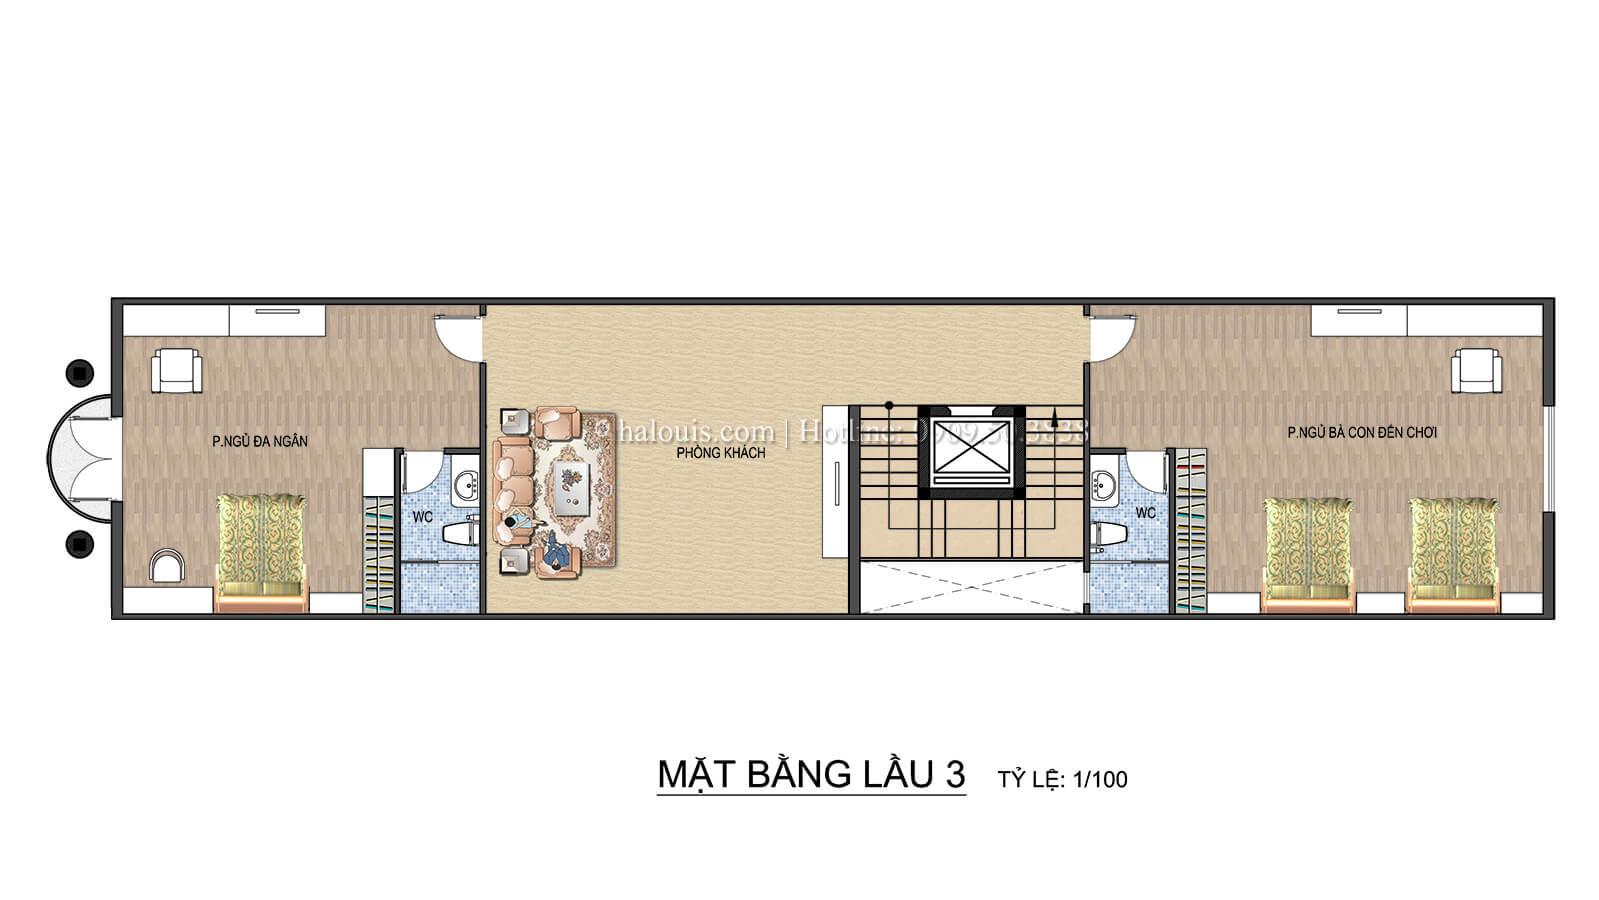 Mặt bằng tầng 3 Thiết kế spa đẹp lung linh tại Cần Thơ theo phong cách tân cổ điển - 09